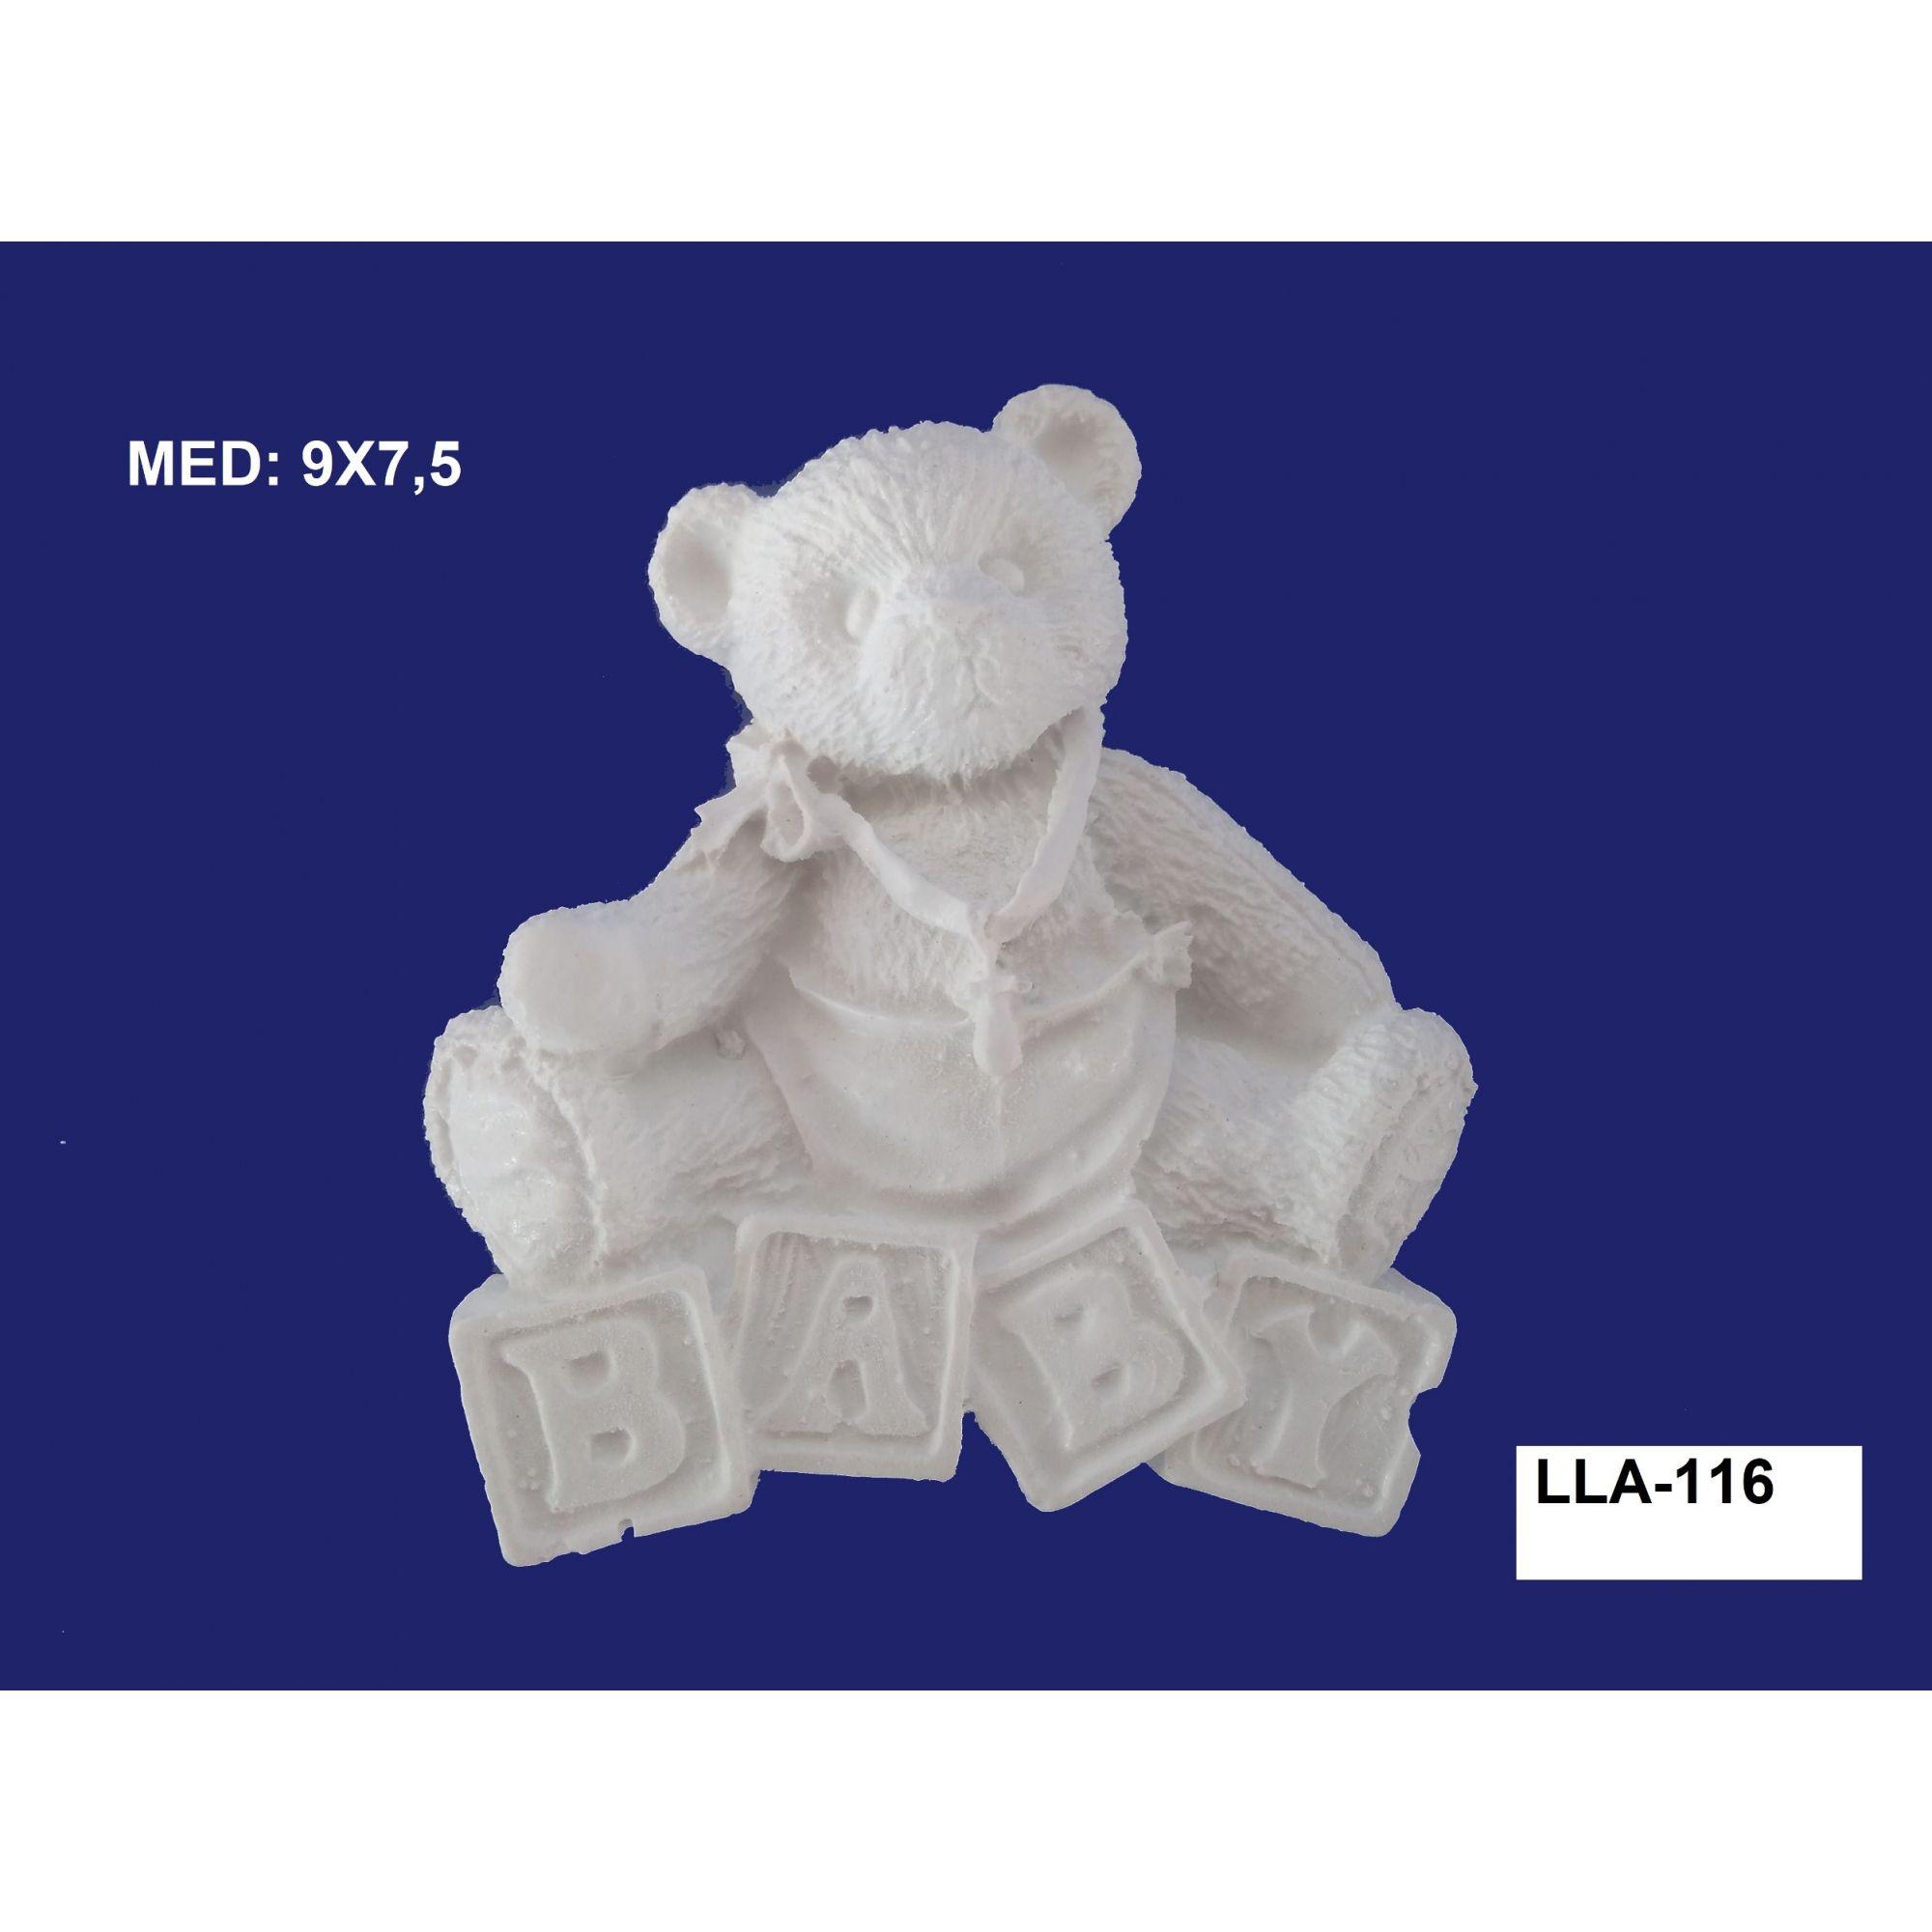 LLA-116 APLIQUE URSO BABY 09x7,5CM